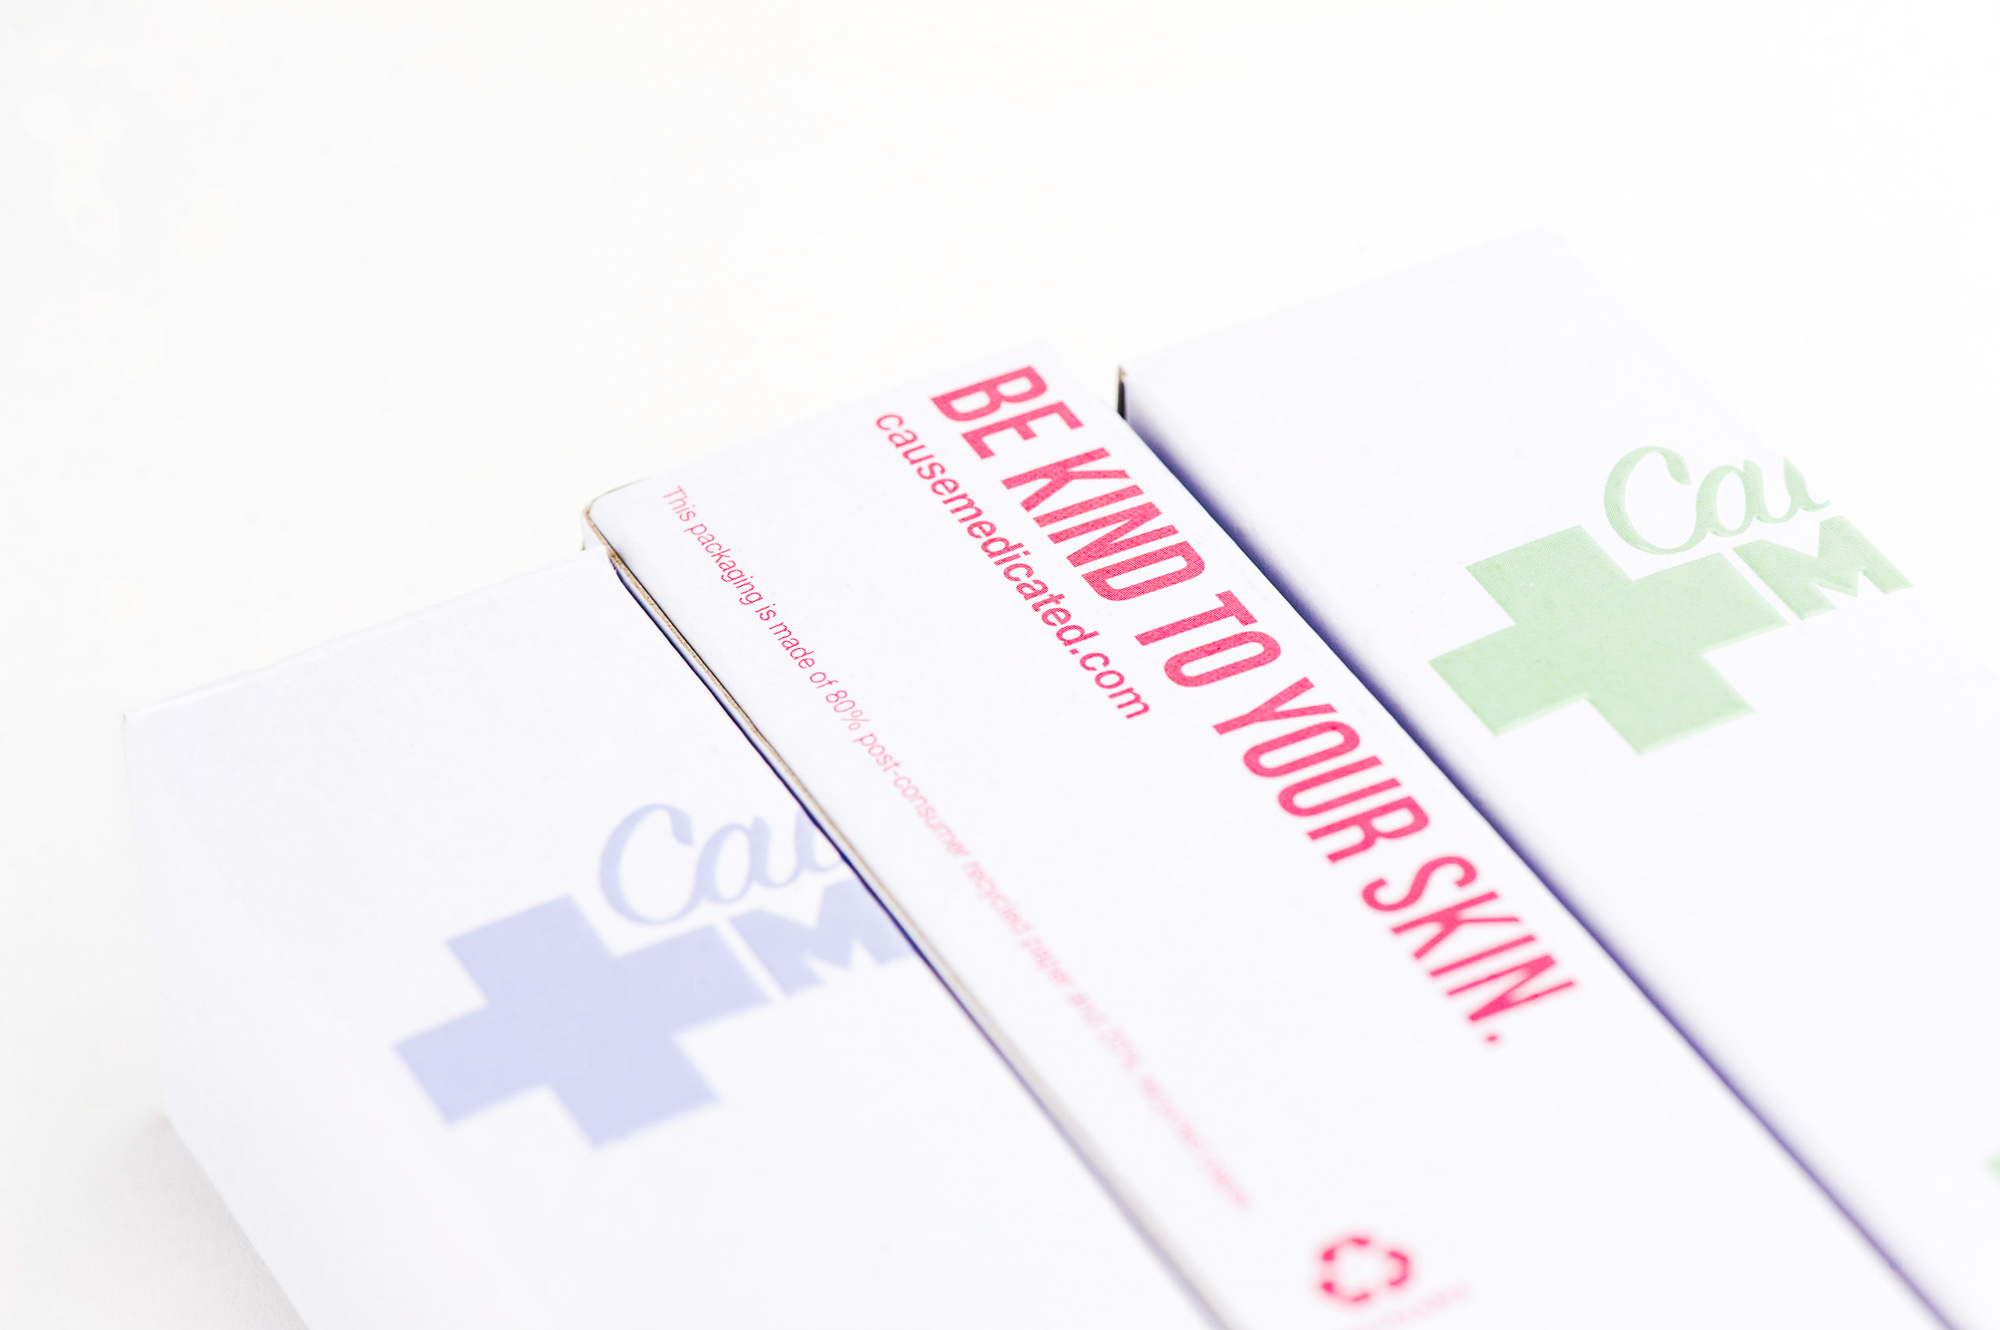 Cause+Medic_white-20.jpg